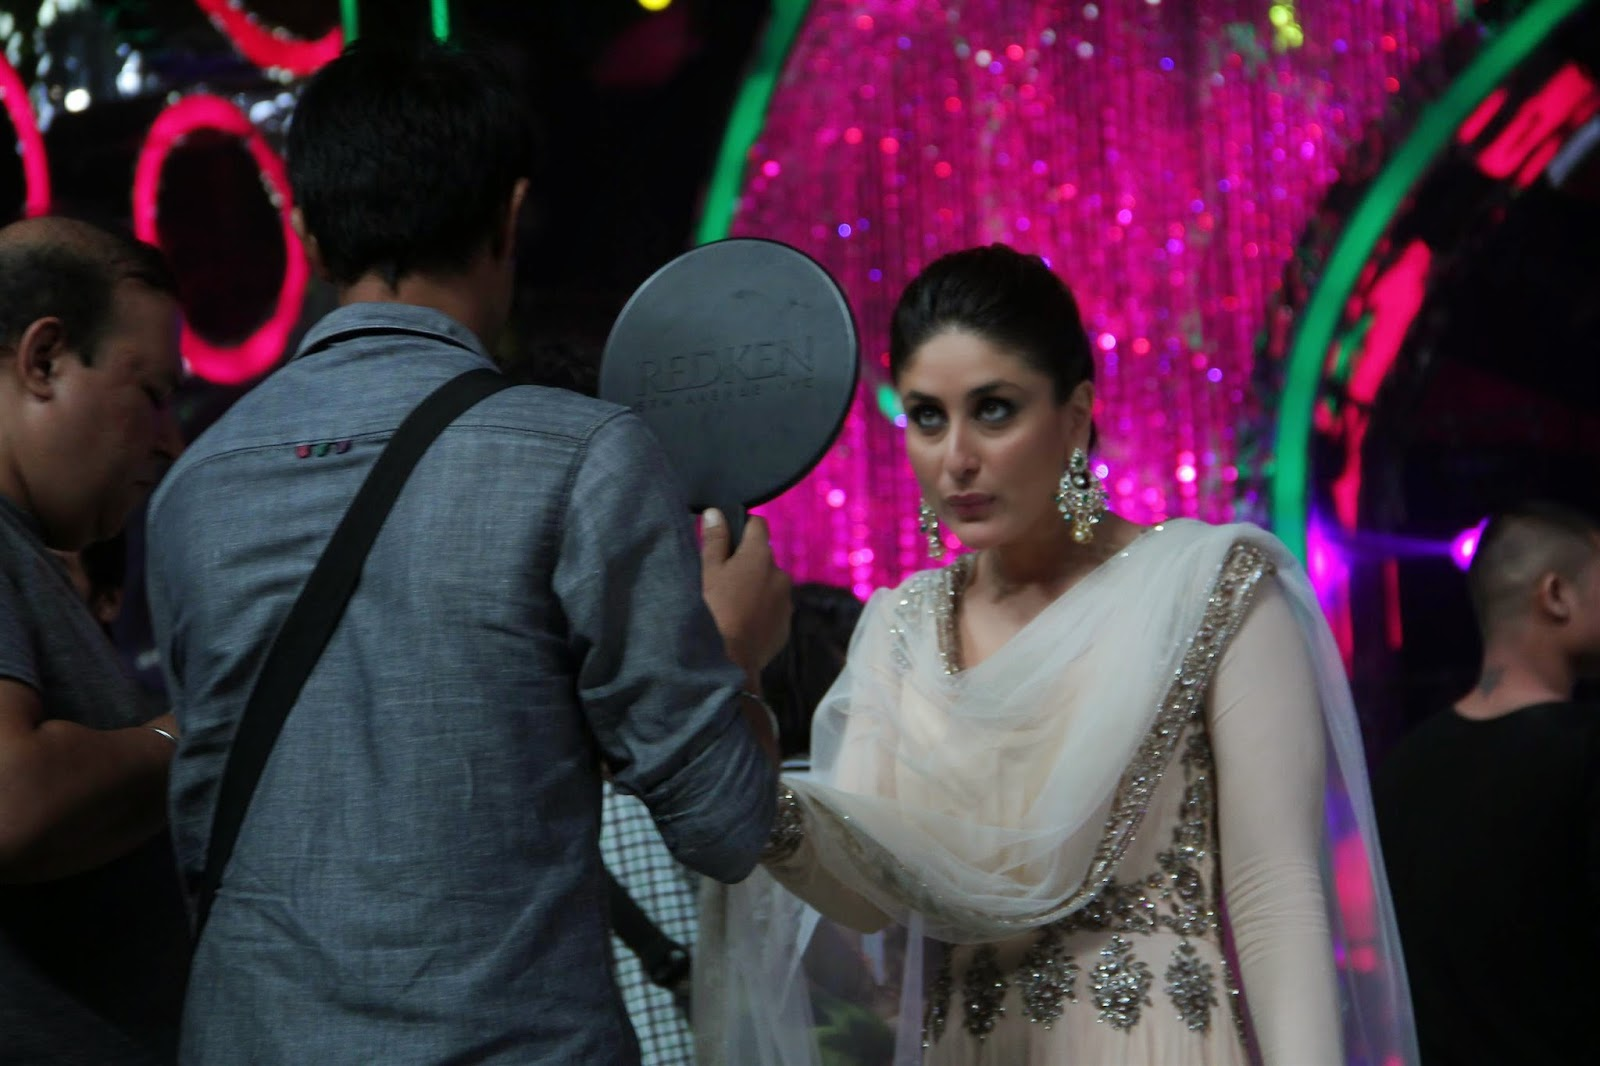 Kareena Kapoor Promotes her movie 'Singham Returns' On Jhalak Dikhhla Jaa 7